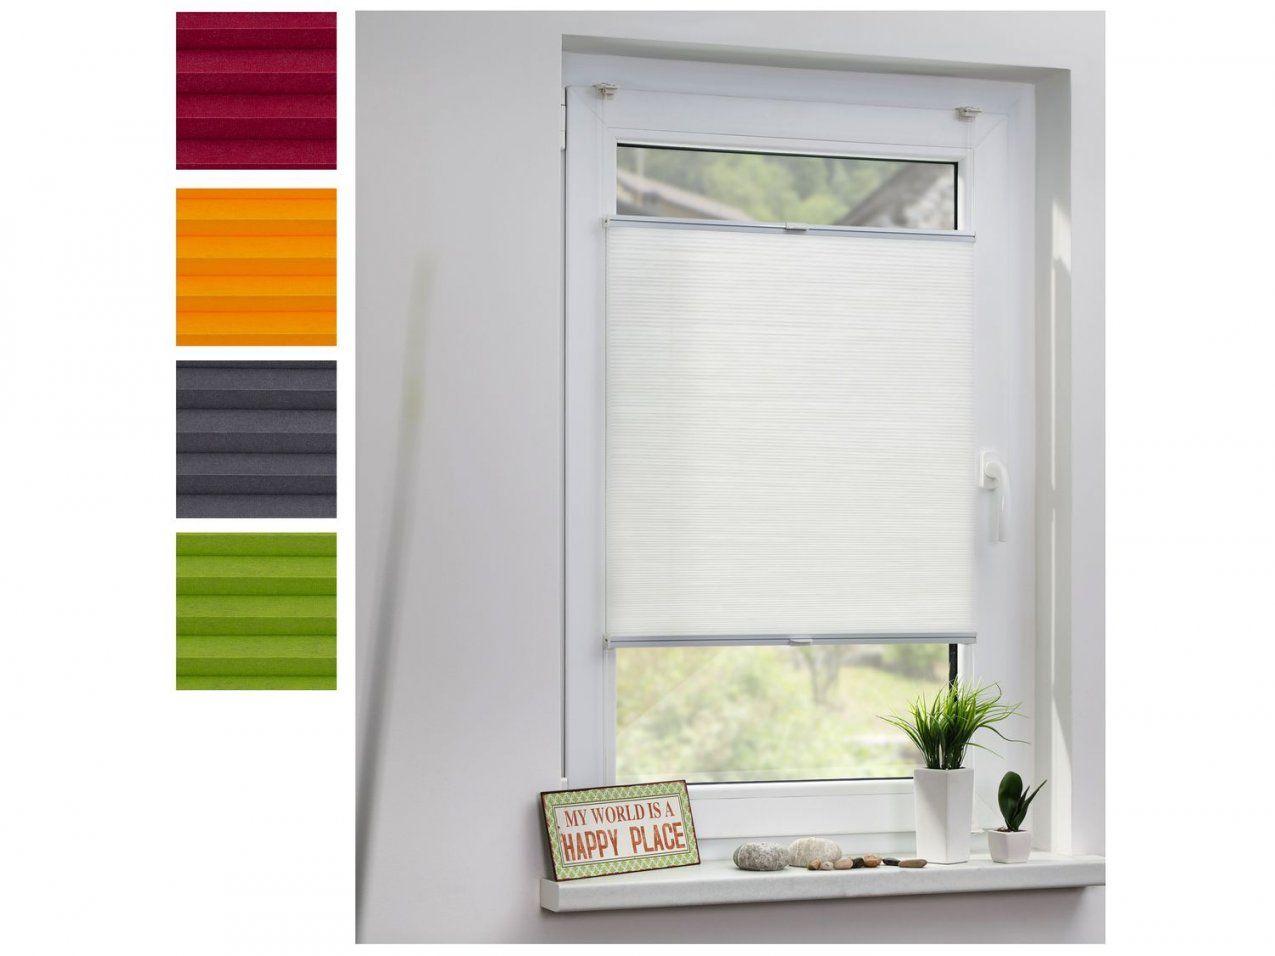 Gardinenbefestigung Am Fenster Ohne Bohren Alternative Fur Modern